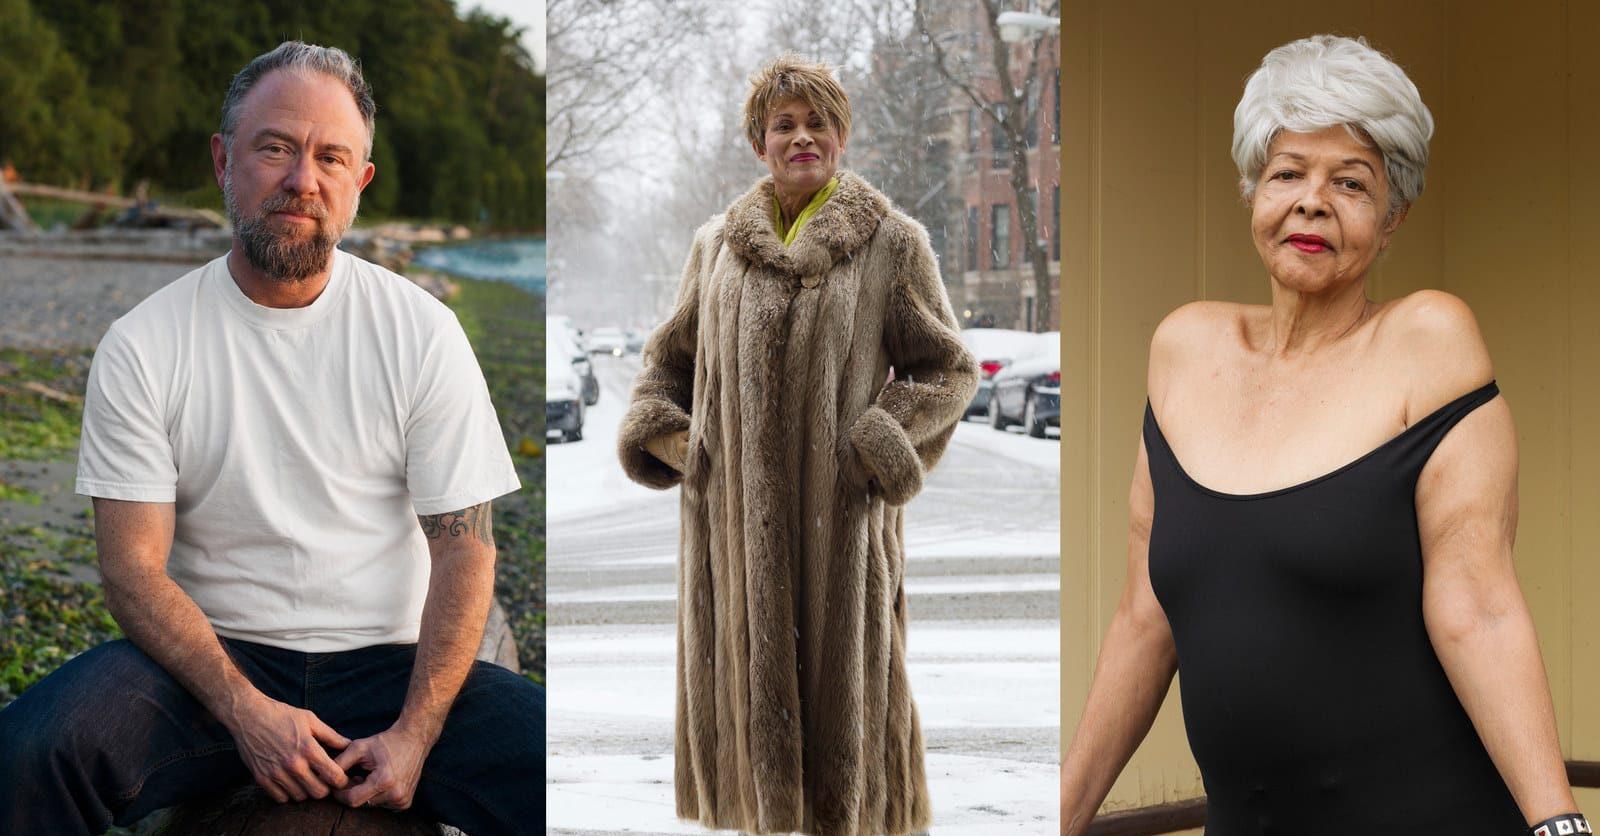 Trans ve Kuir Yaşlıları Anlatan Muhteşem Portre Serisi